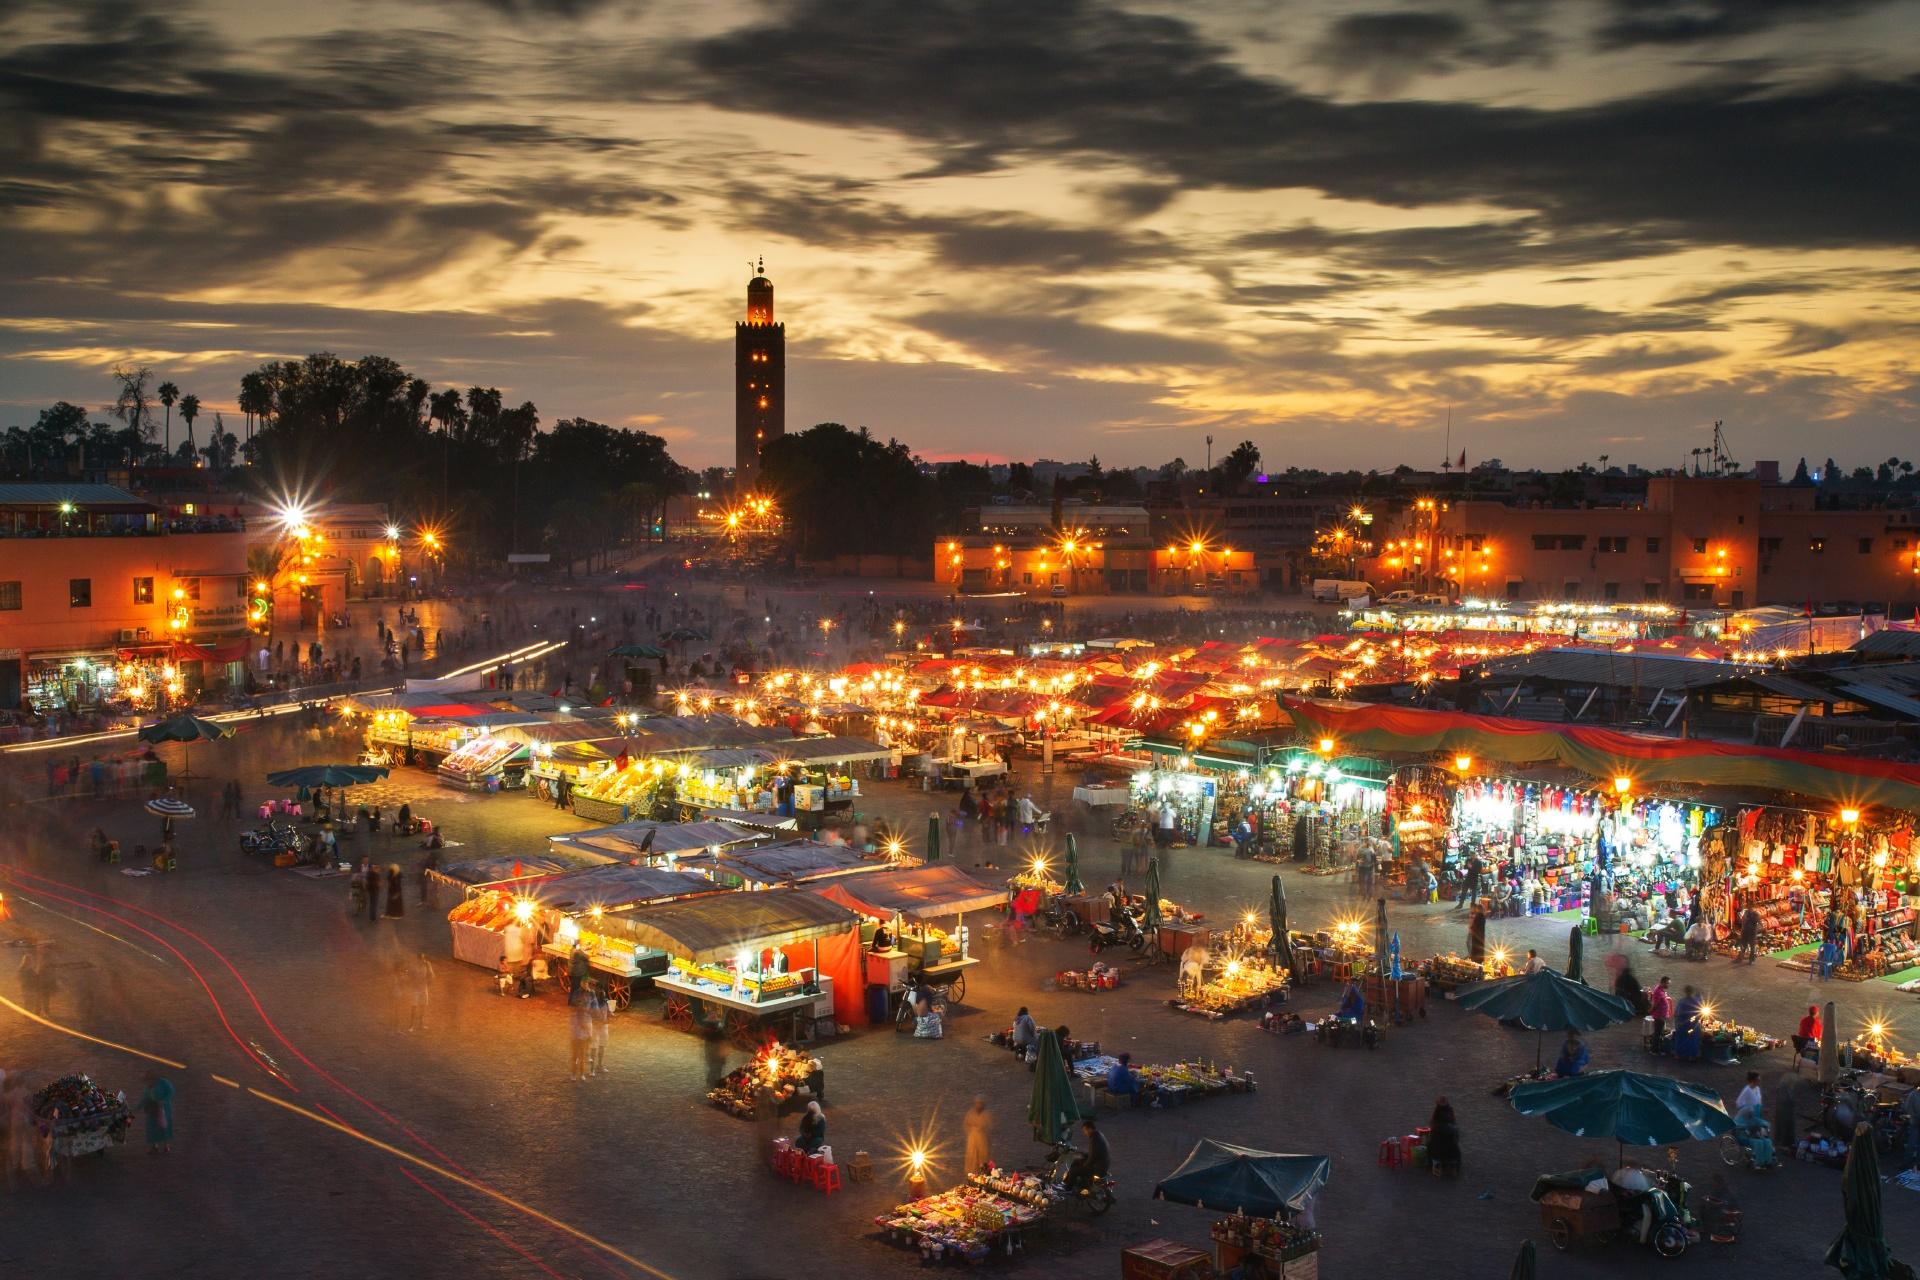 夕暮れのマラケシュ モロッコの風景